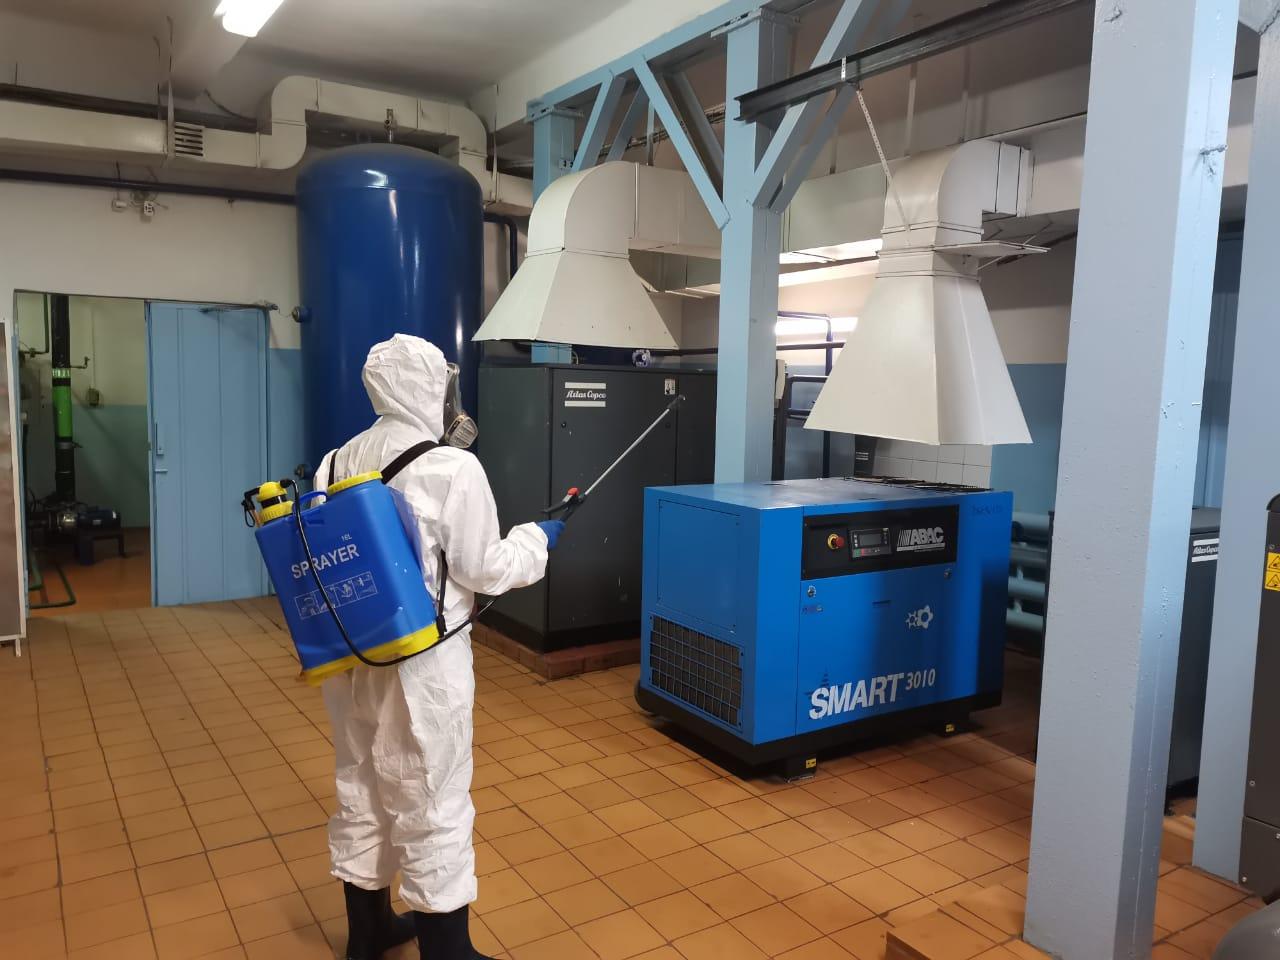 Якутский Гормолзавод: Систематическая дезинфекция на пищевом предприятии – обязательное условие безопасной работы